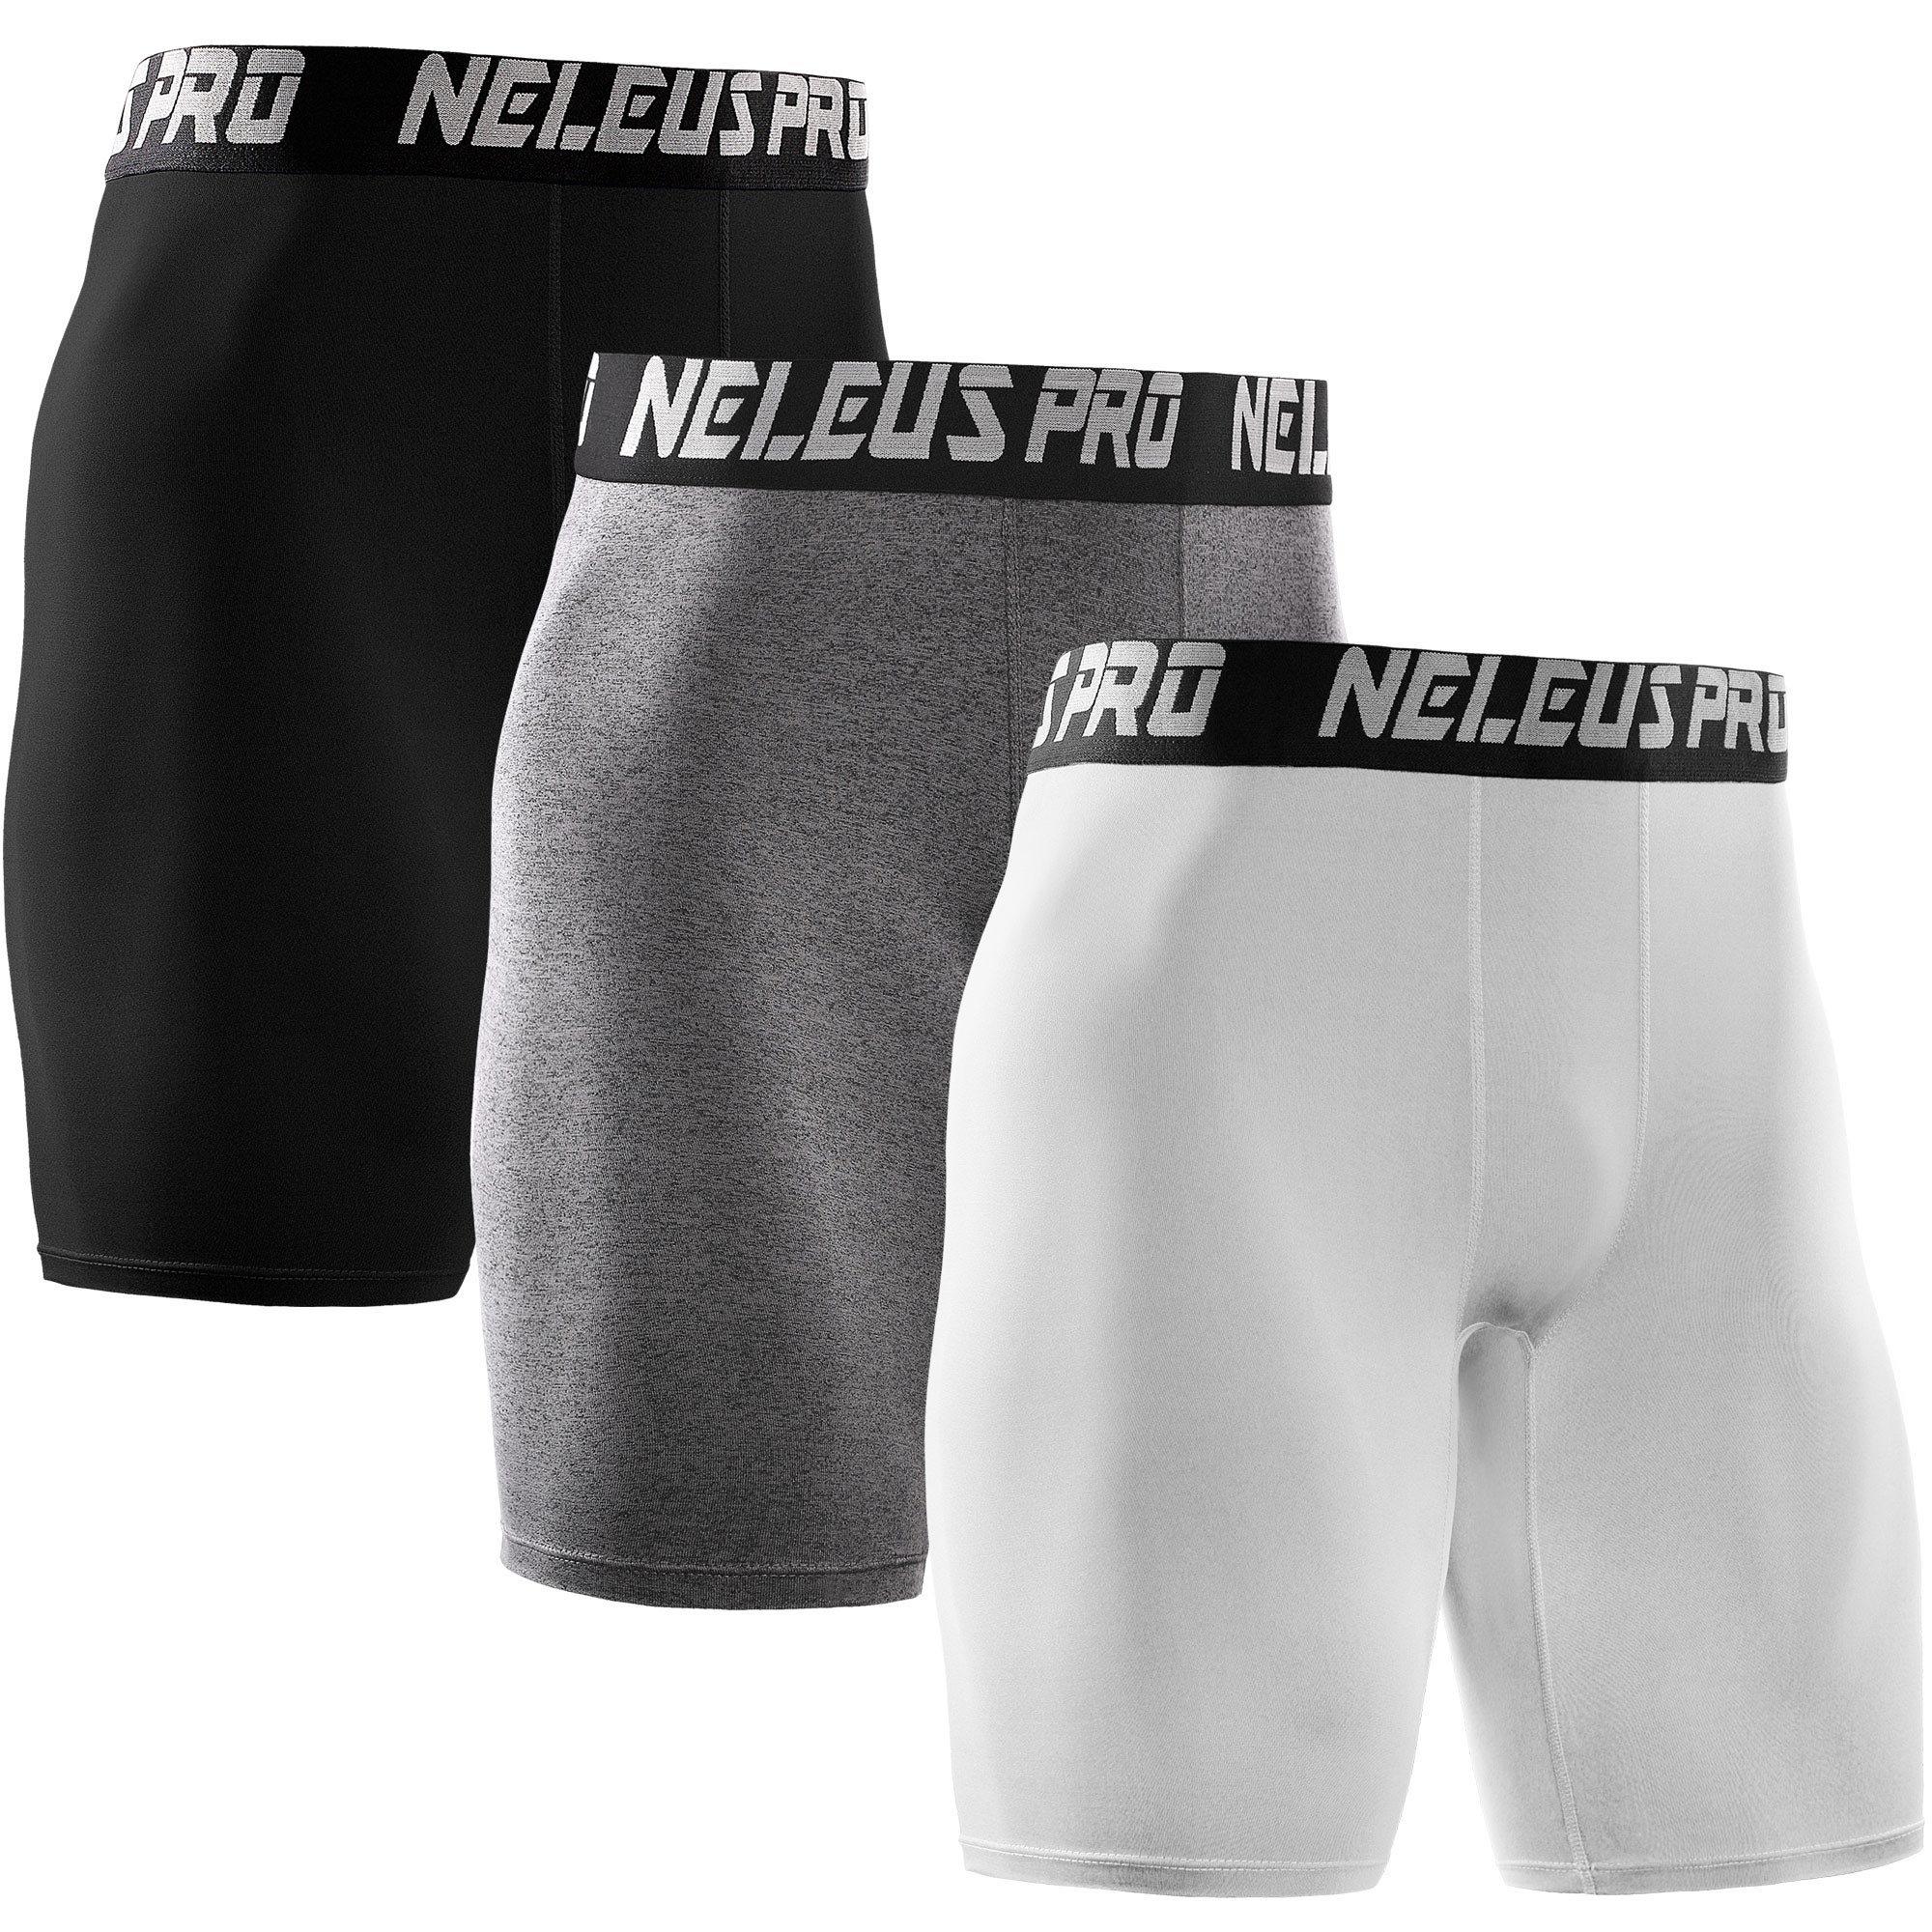 Neleus Men's 3 Pack Athletic Compression